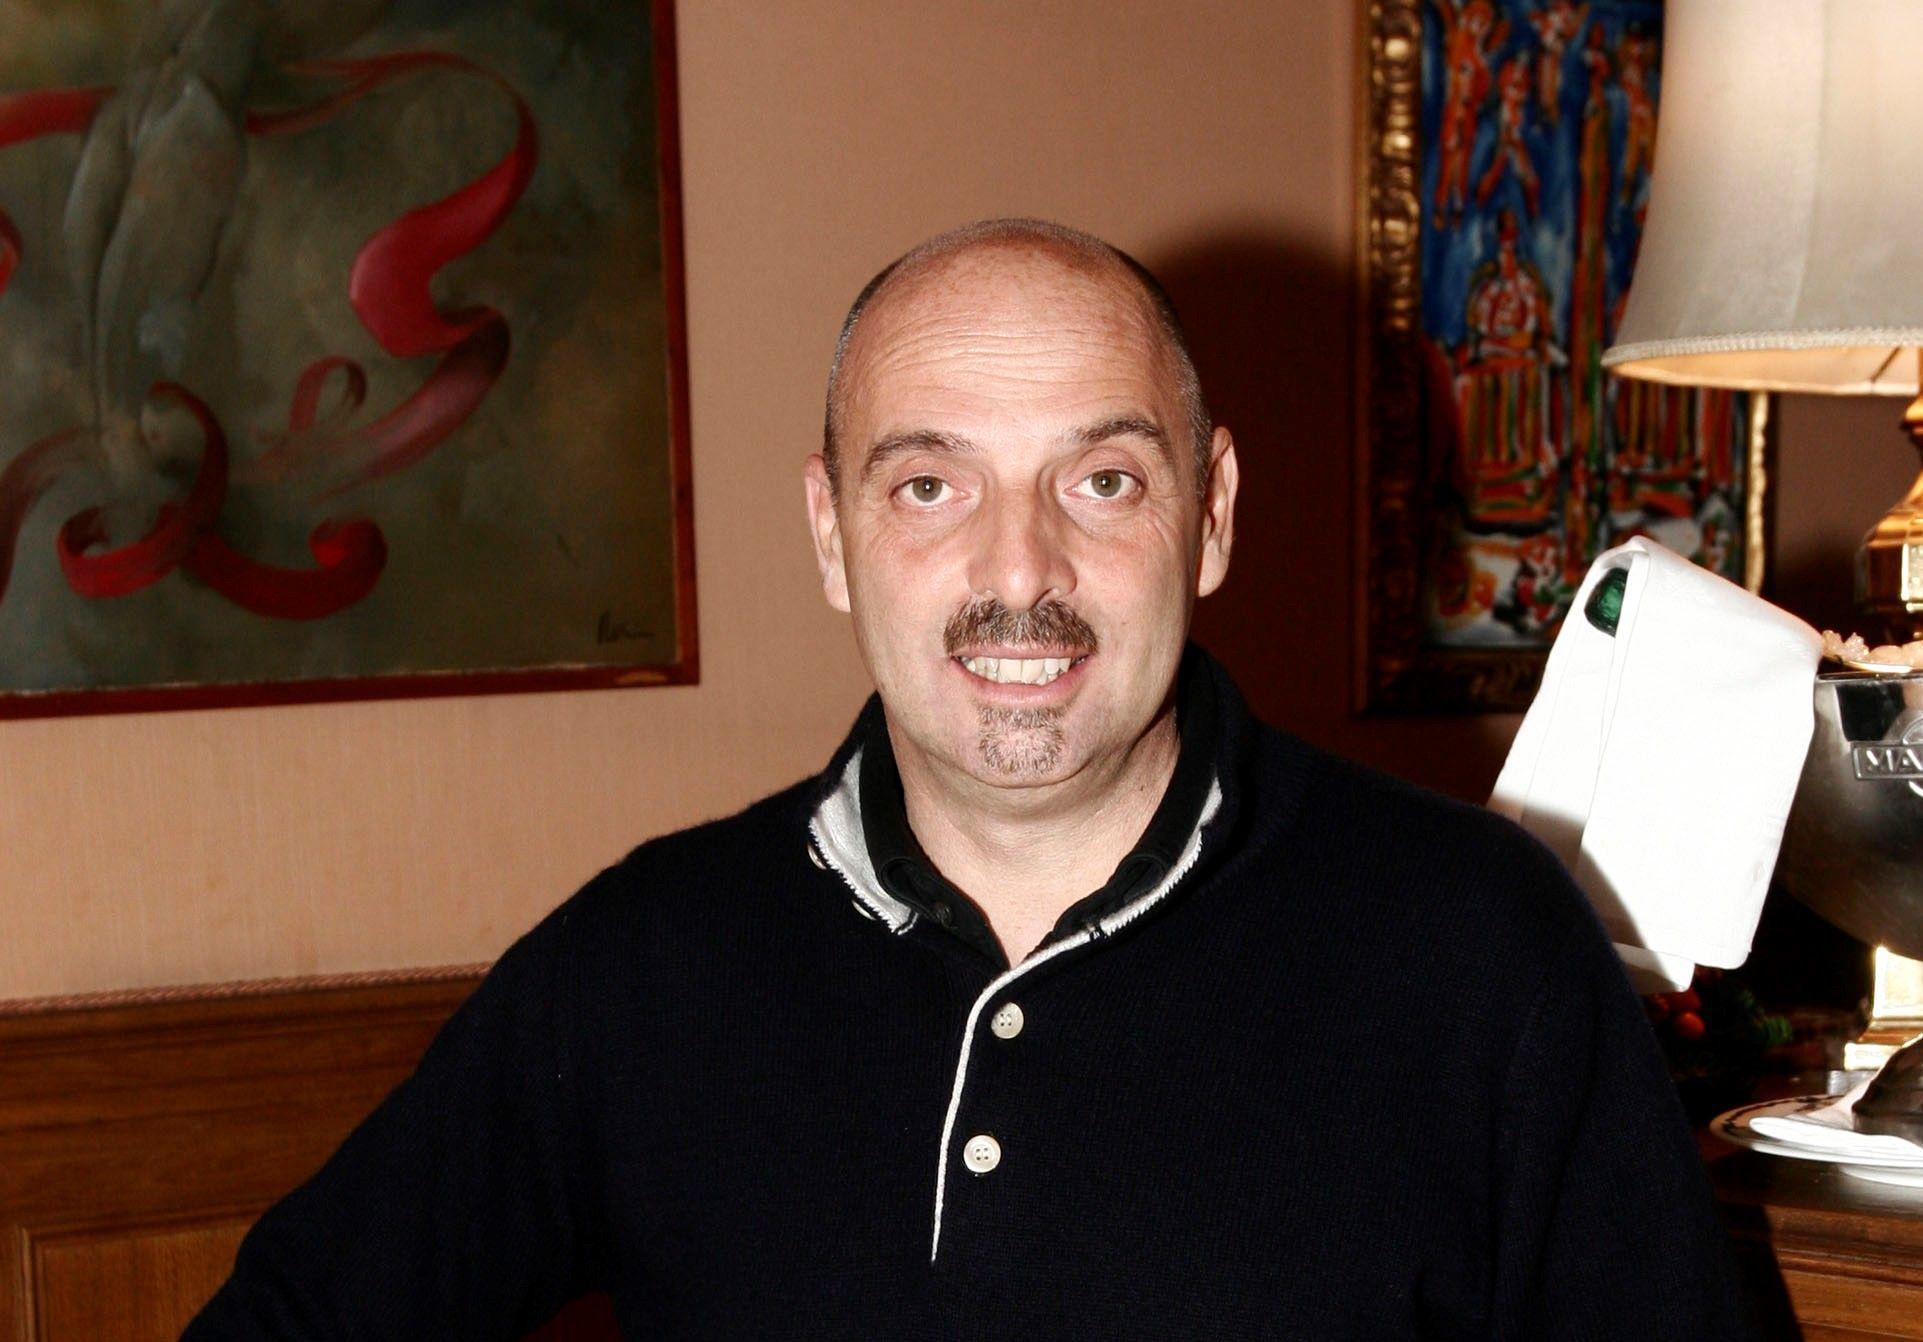 Paolo Brosio: 'Le donne? Preghi, preghi, poi vedi passarne una bella… siamo fatti di carne'